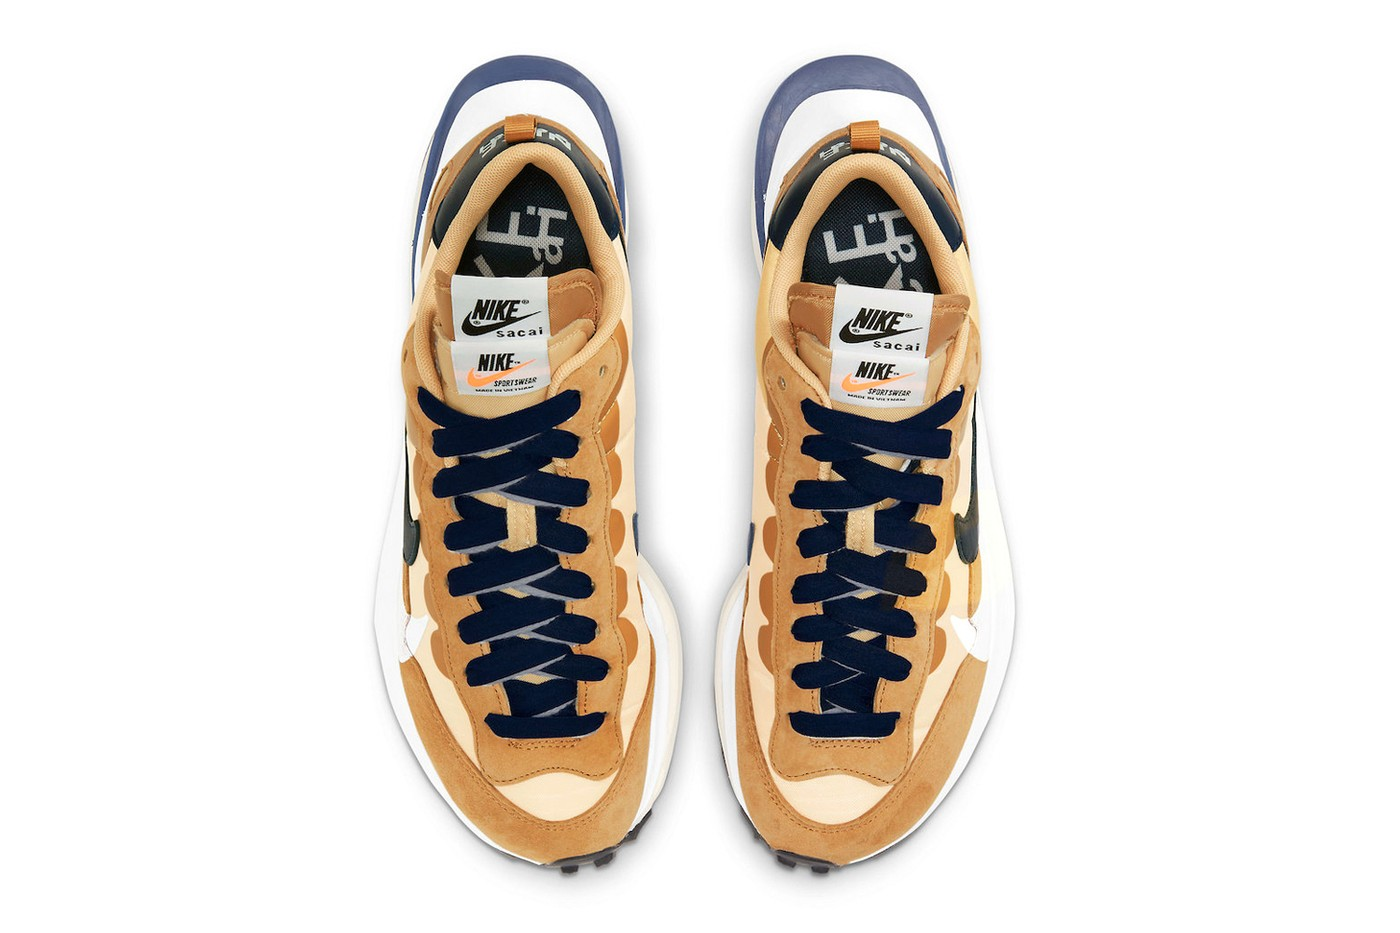 再次成为春夏爆款!sacai x Nike Vaporwaffle「Sesame」公布发售资讯及官方近照!插图3